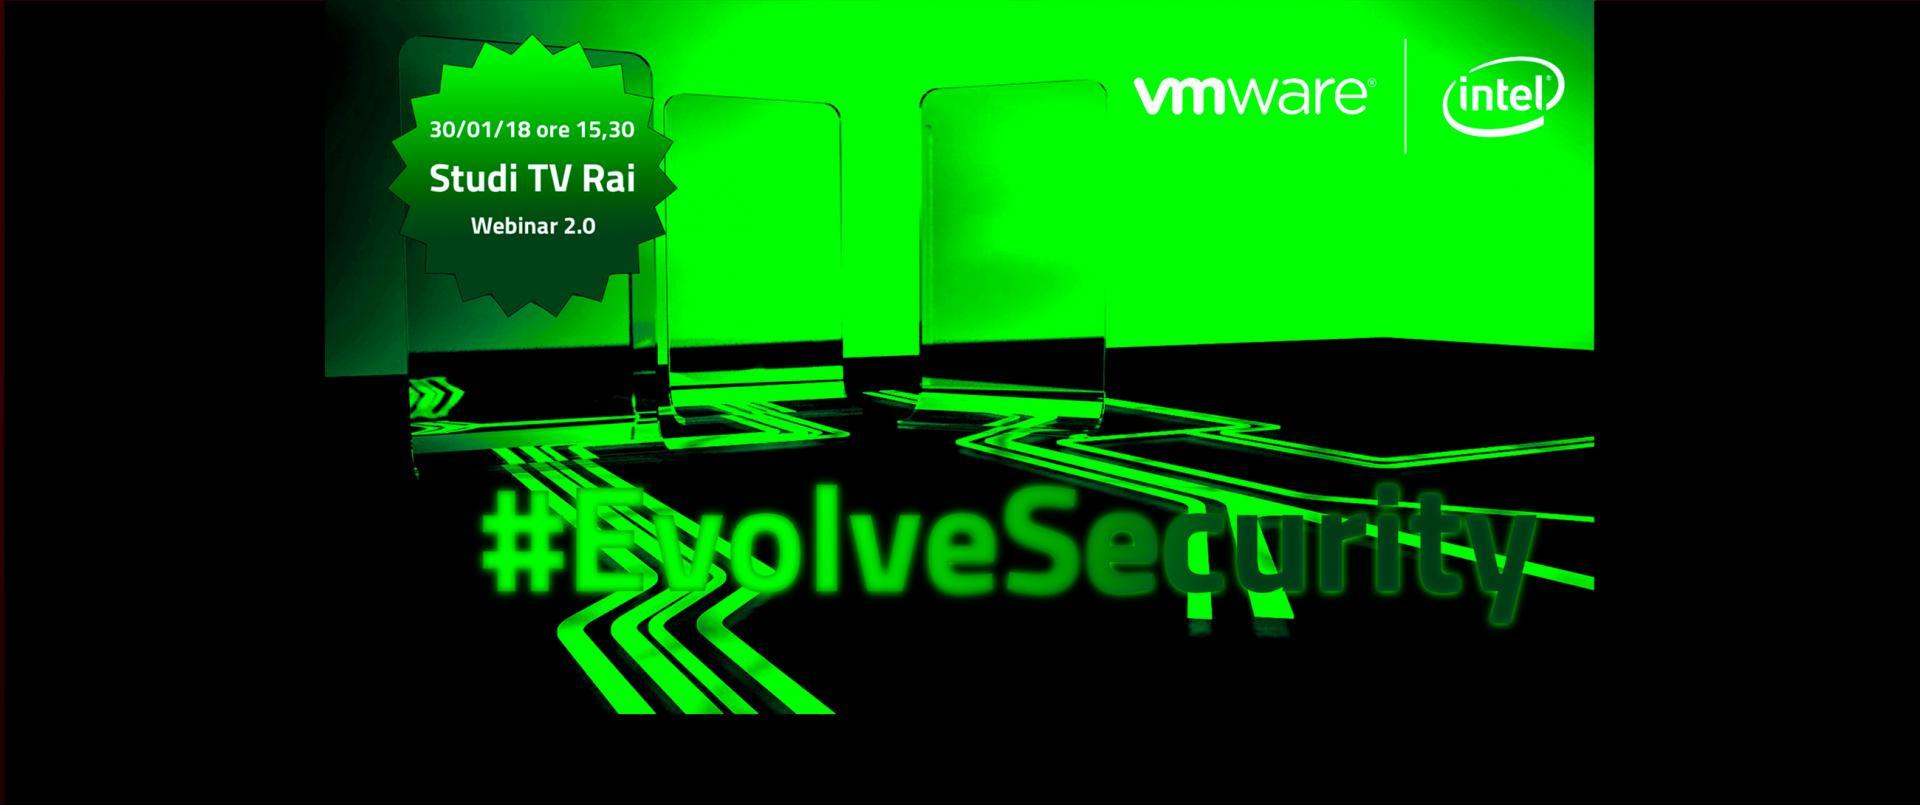 EvolveSecurity: il Webinar 2.0 sulla Cybersecurity di VMware e Intel